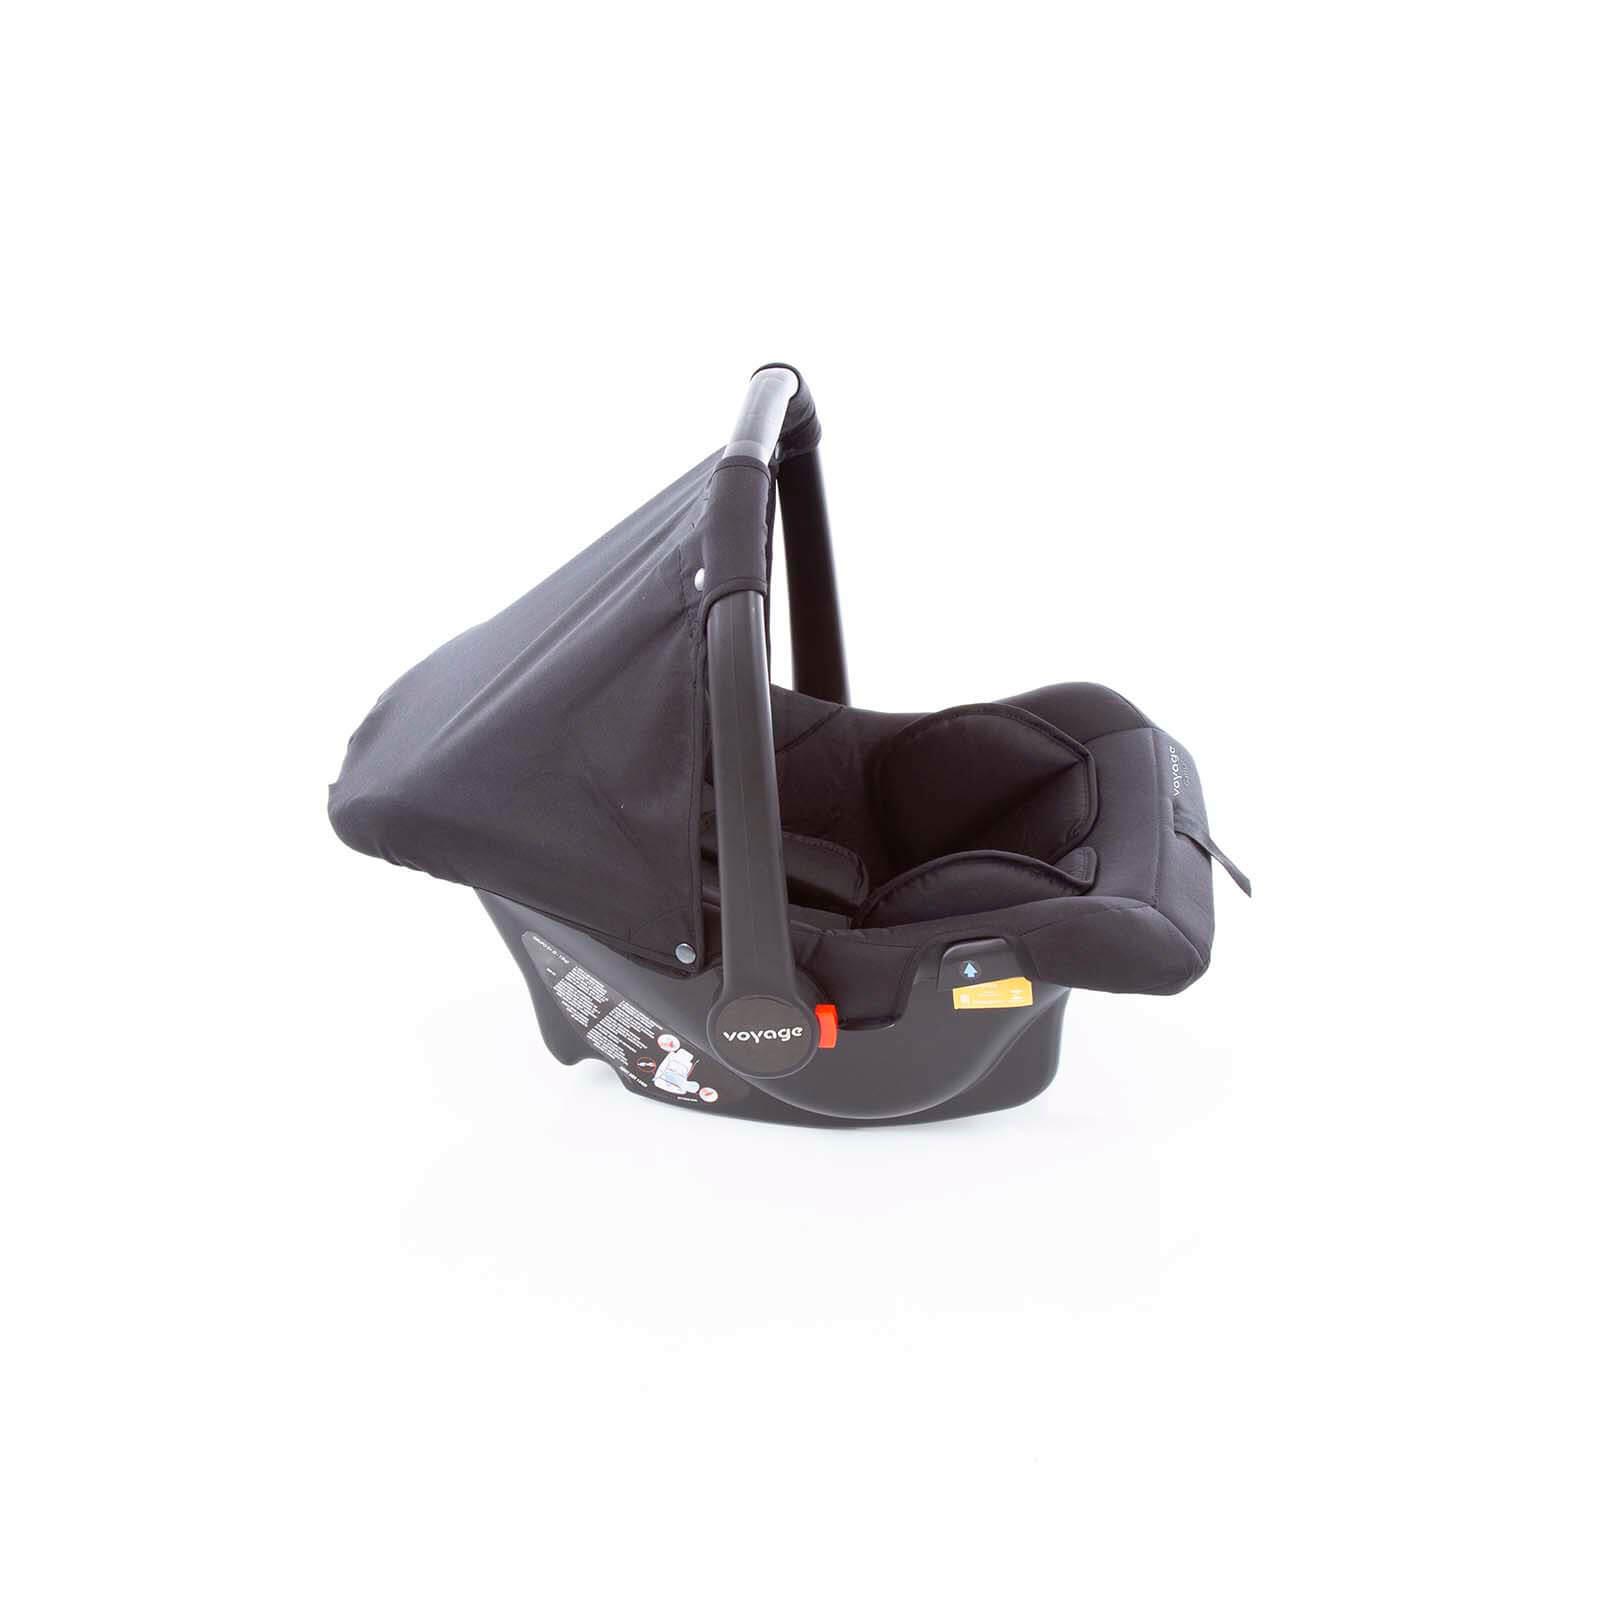 Carrinho de Bebê Travel System Delta Preto - Voyage